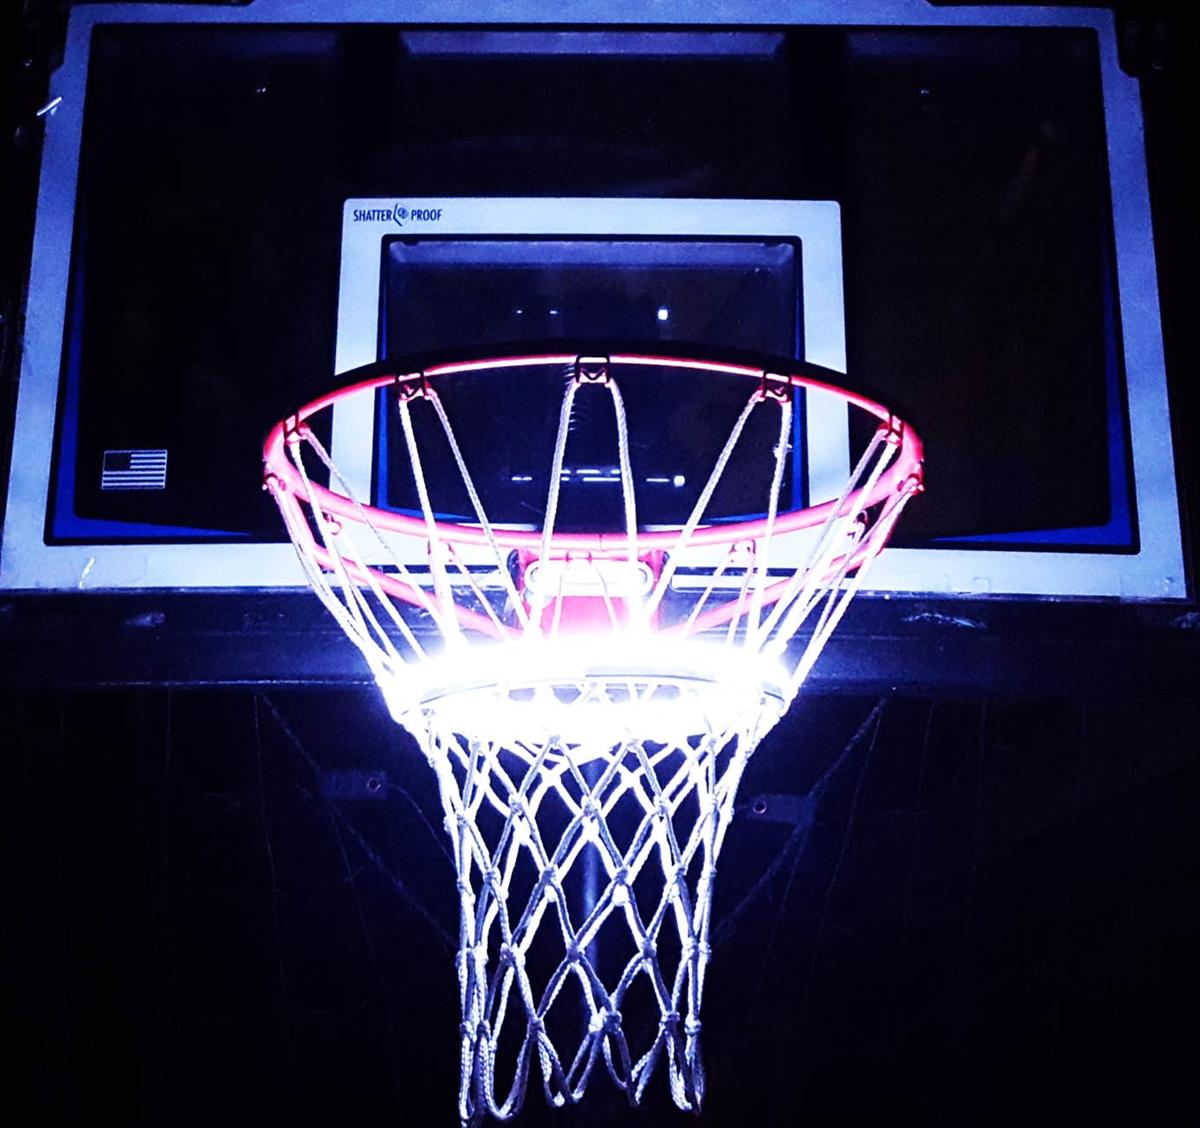 light up action basketball net goal lighting system